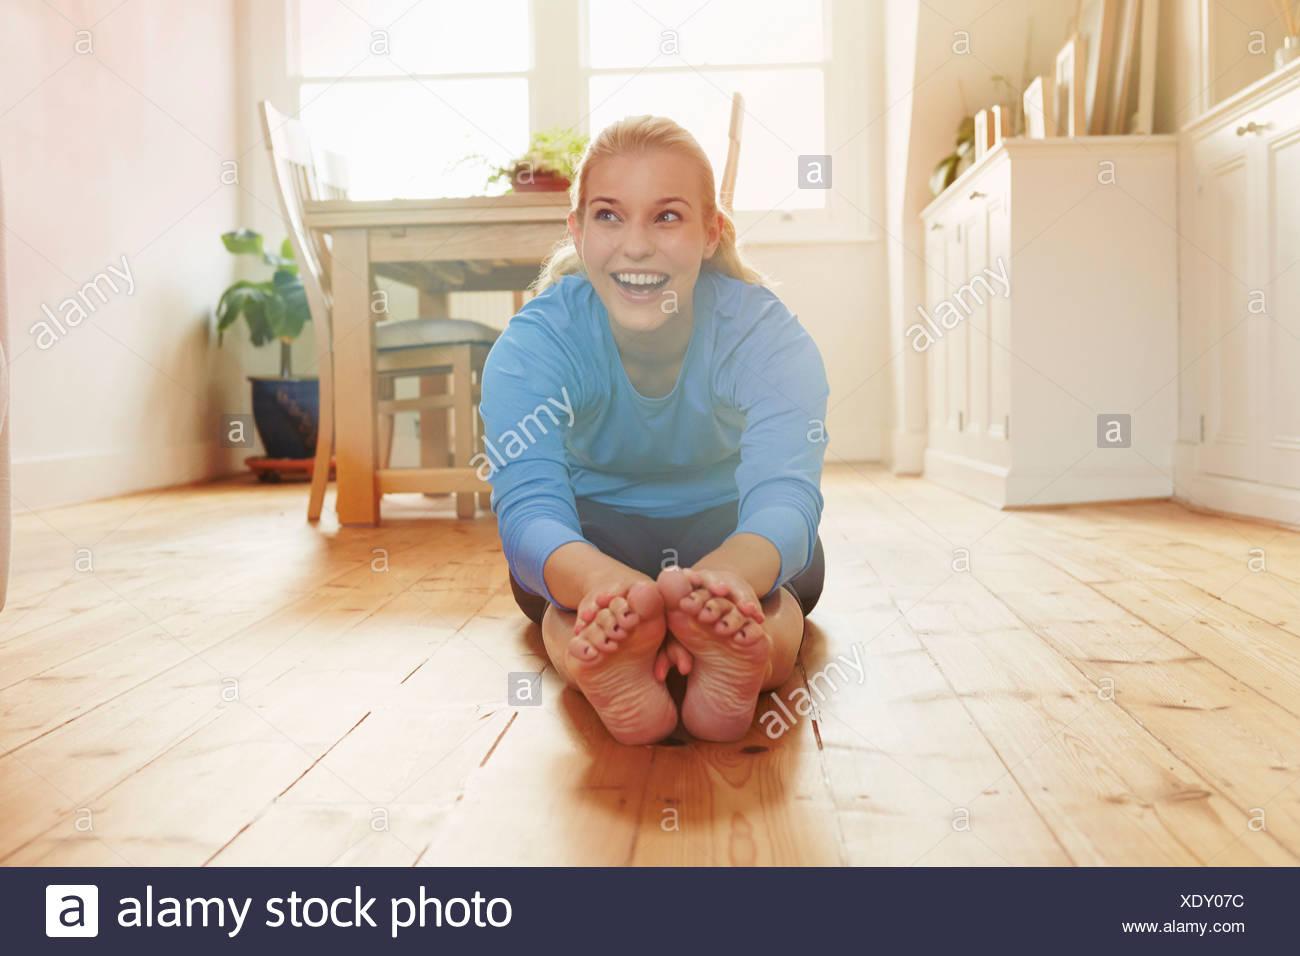 Junge Frau sitzt am Boden schiefe Zehen nach vorne berühren Stockbild